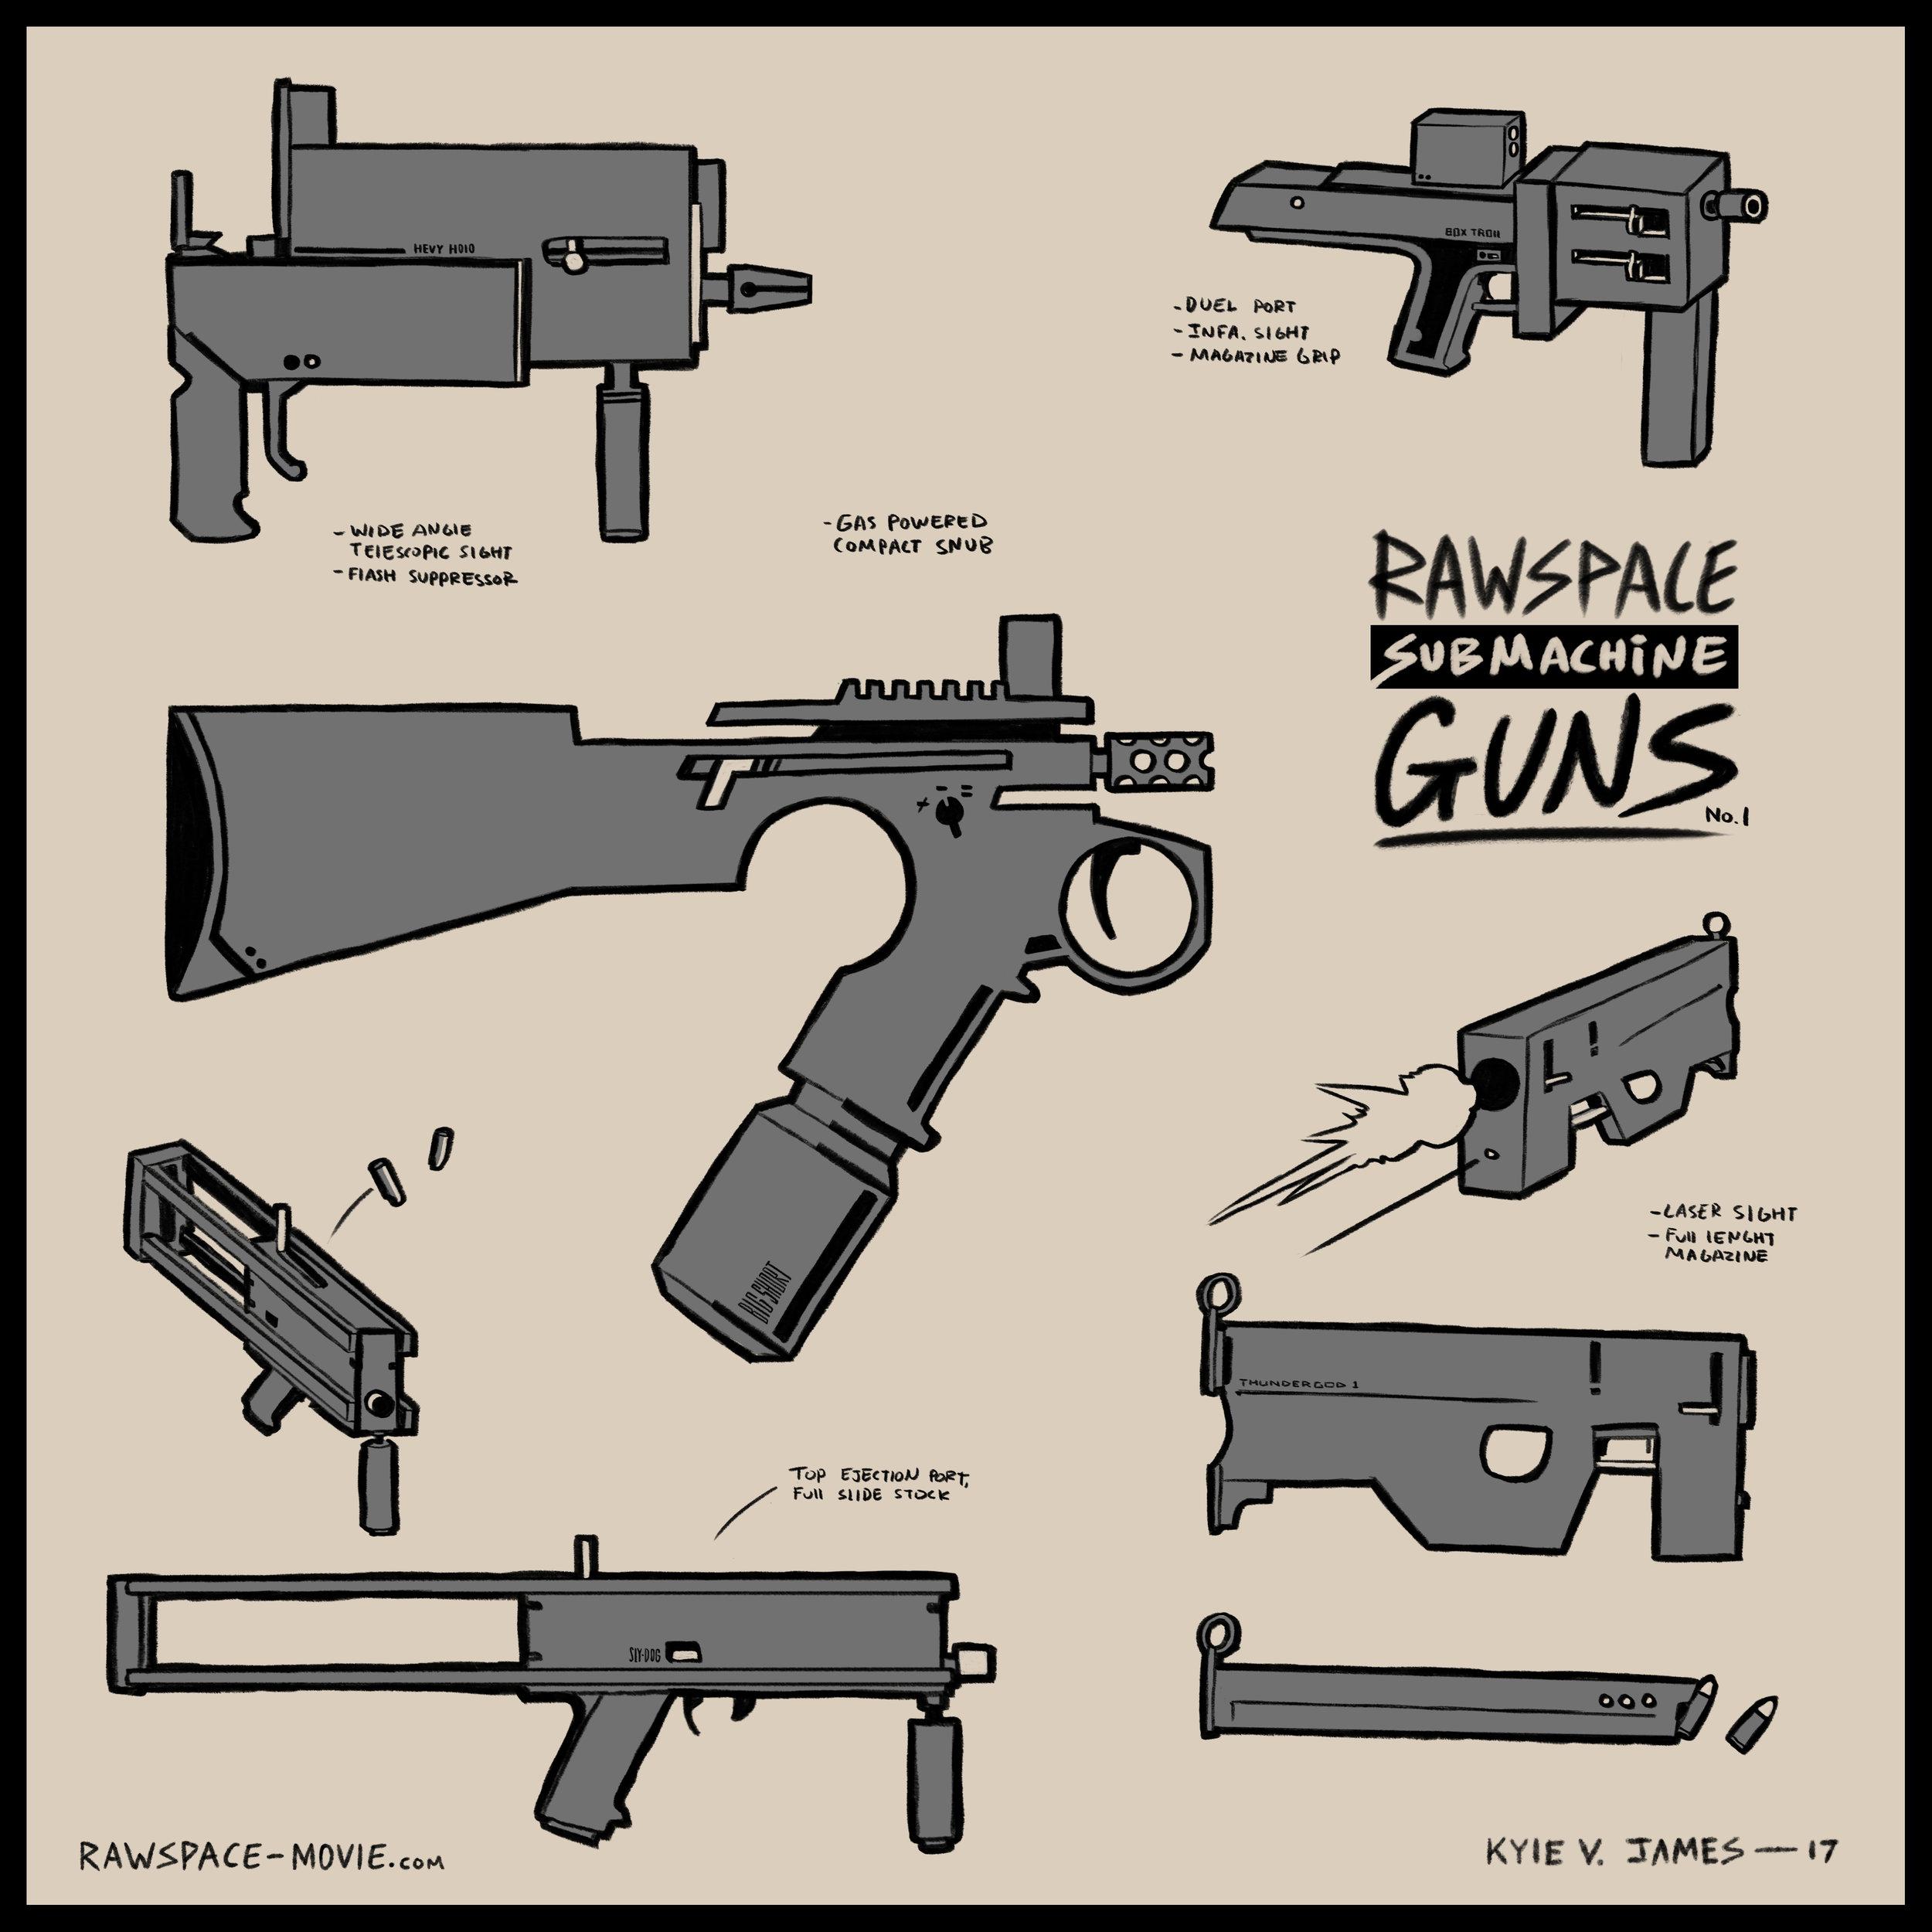 17-8-2 submachineguns1.jpg